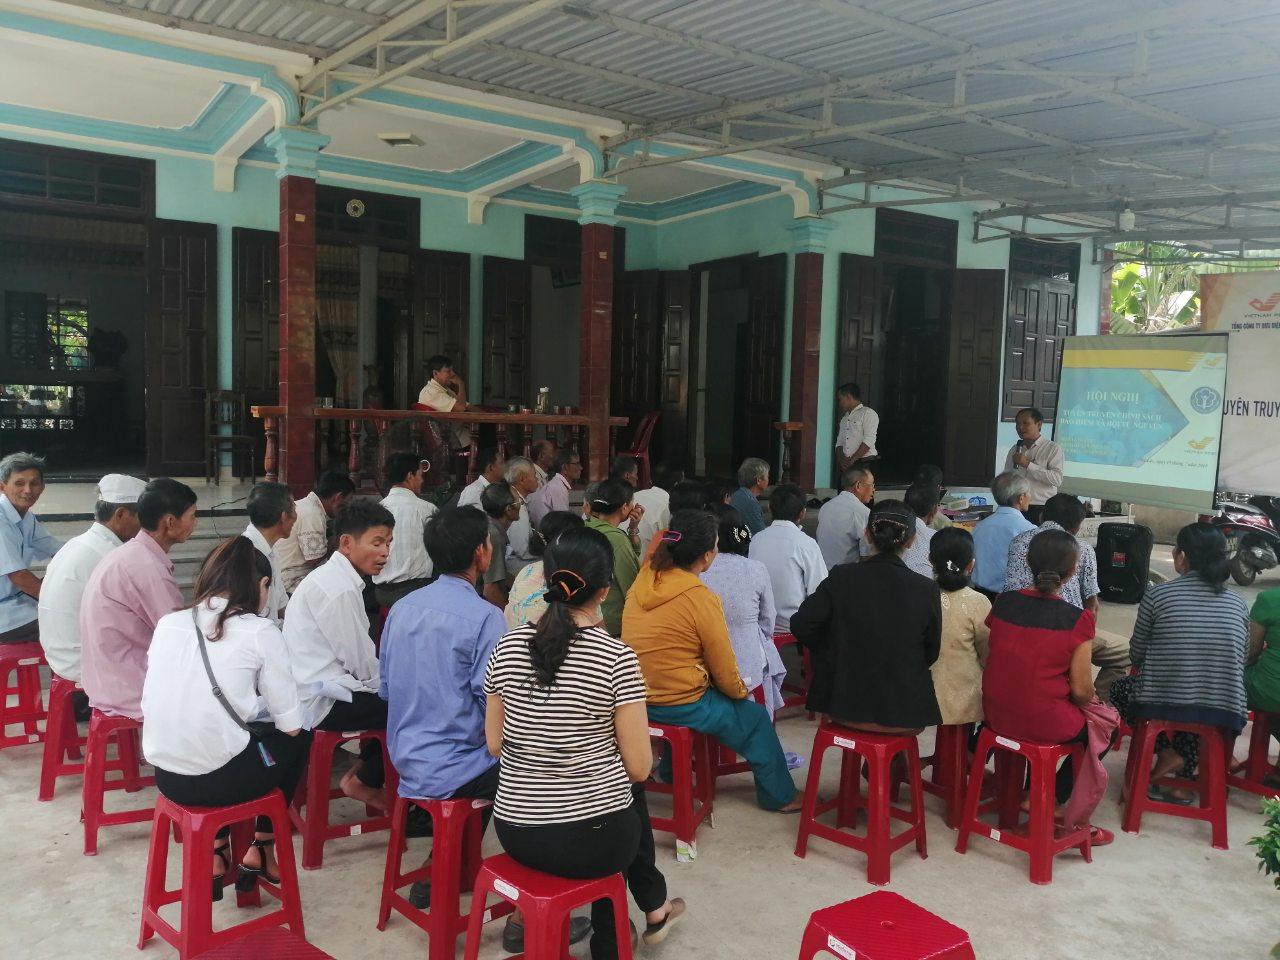 Người dân thôn Vinh Sơn cảm thấy hào hứng khi nghe tuyên truyền chính sách Bảo hiểm xã hội tự nguyện